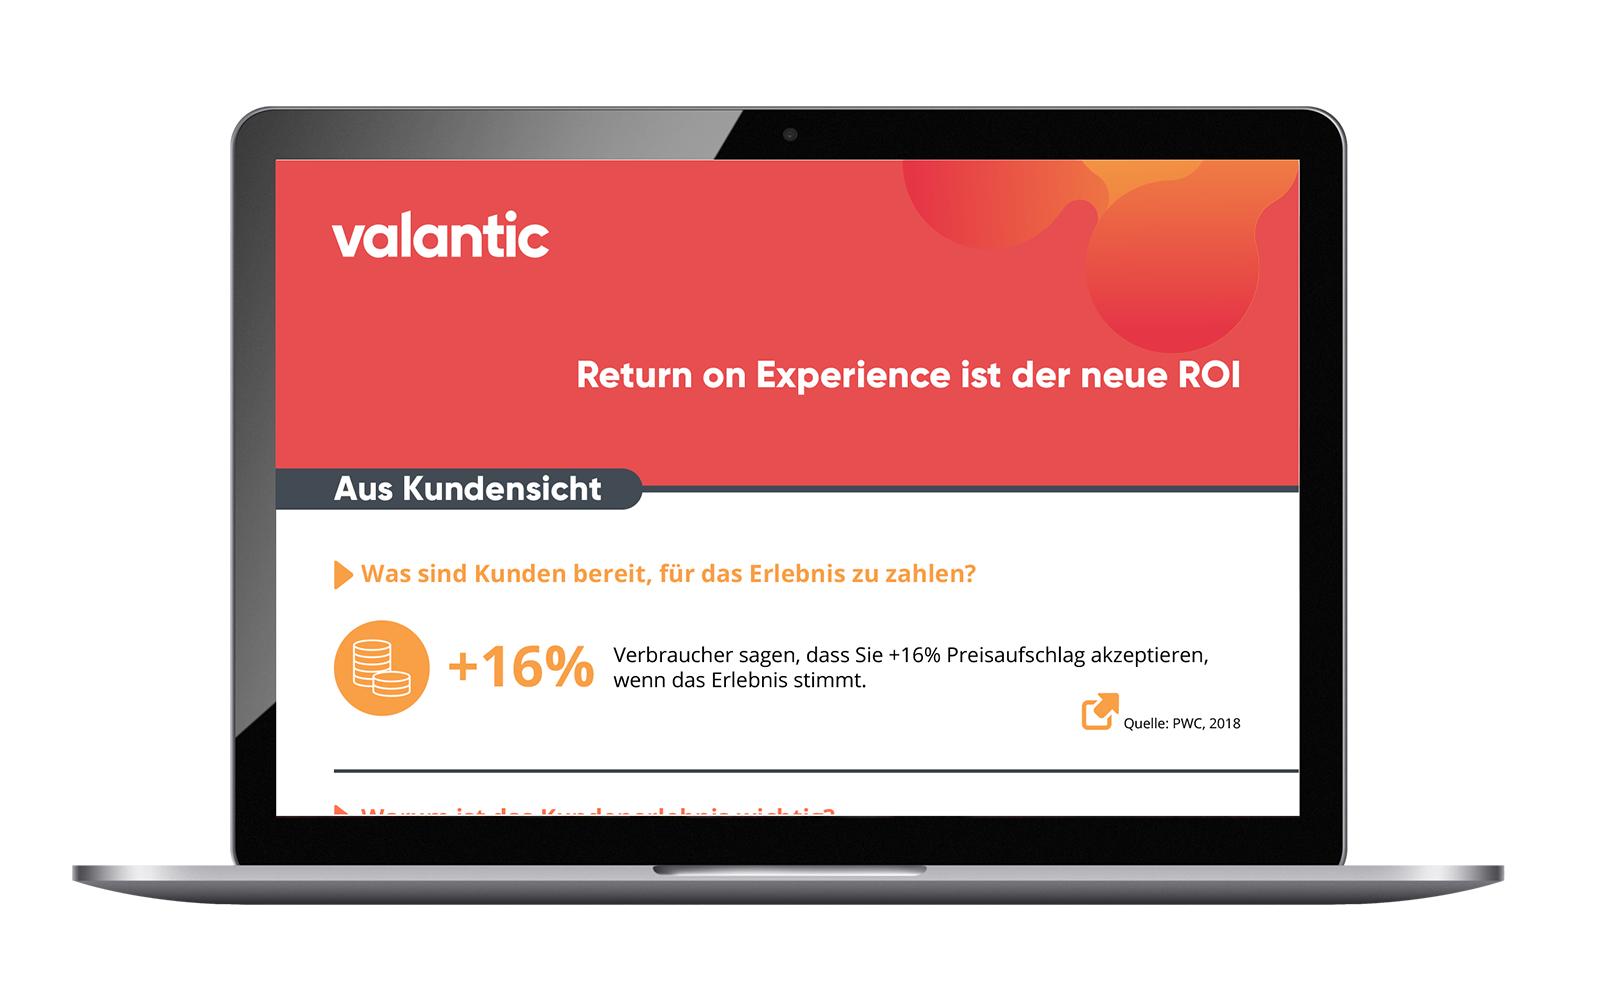 Infografik von valantic: Return on Experience ist der neue ROI